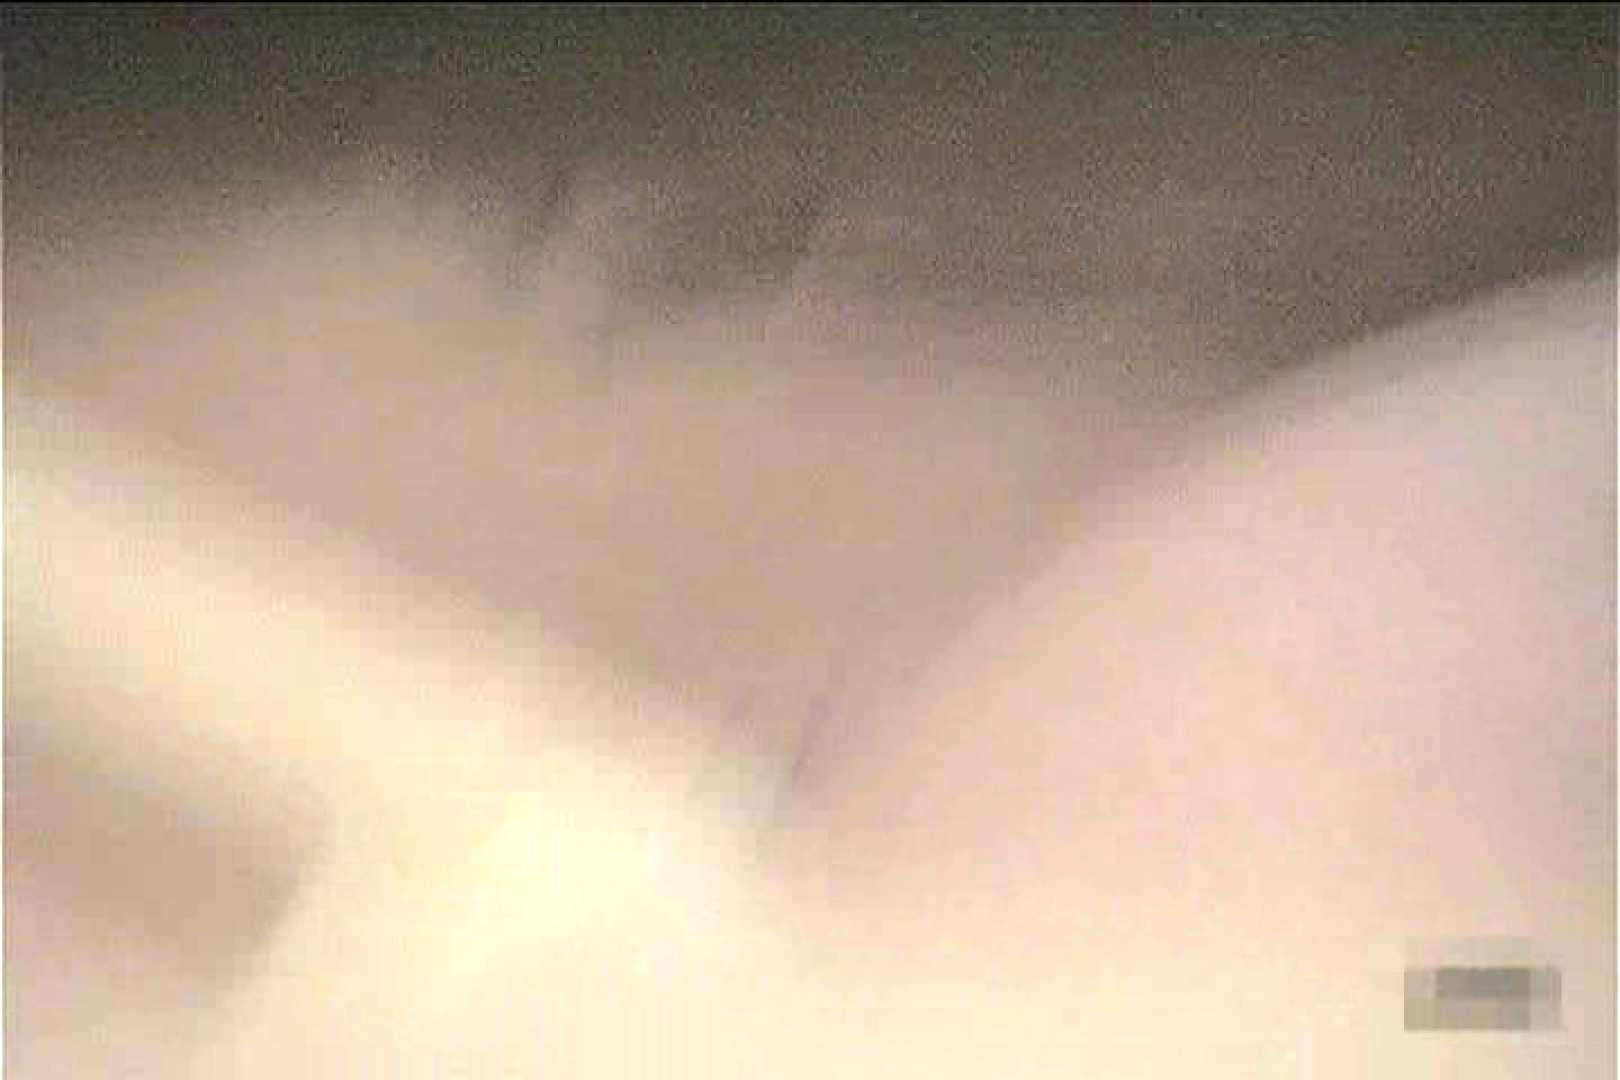 激撮ストーカー記録あなたのお宅拝見しますVol.11 シャワー オマンコ動画キャプチャ 106PICs 89